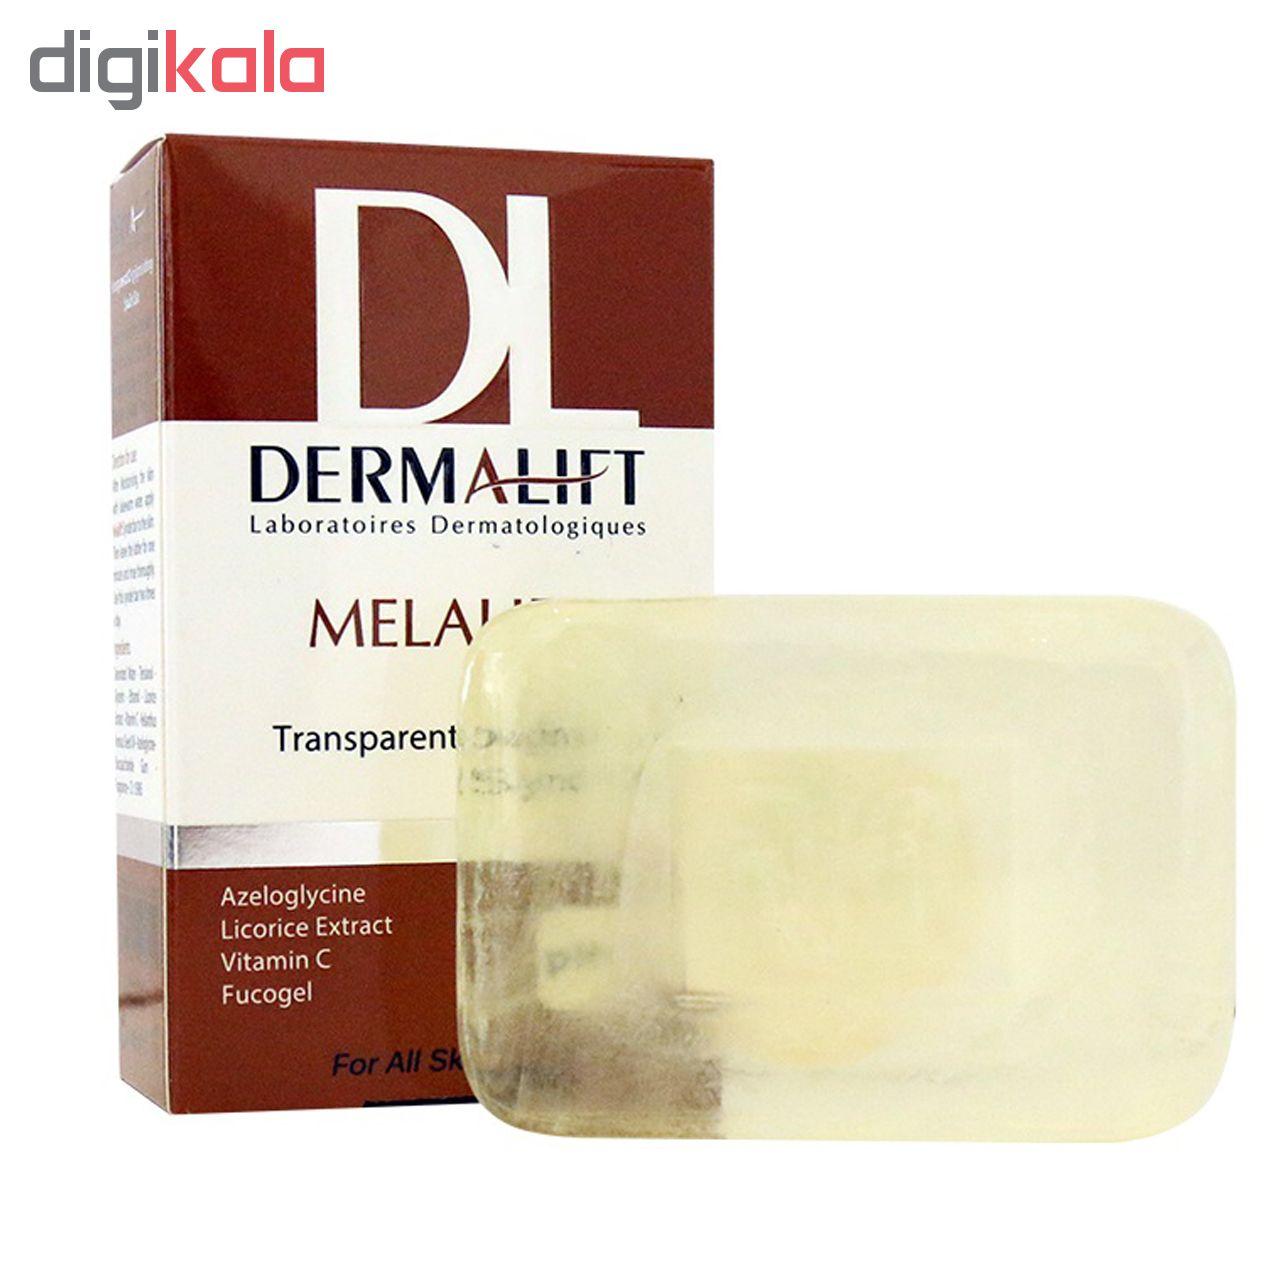 پن شفاف روشن کننده پوست درمالیفت مدل Melafit وزن 100 گرم main 1 1